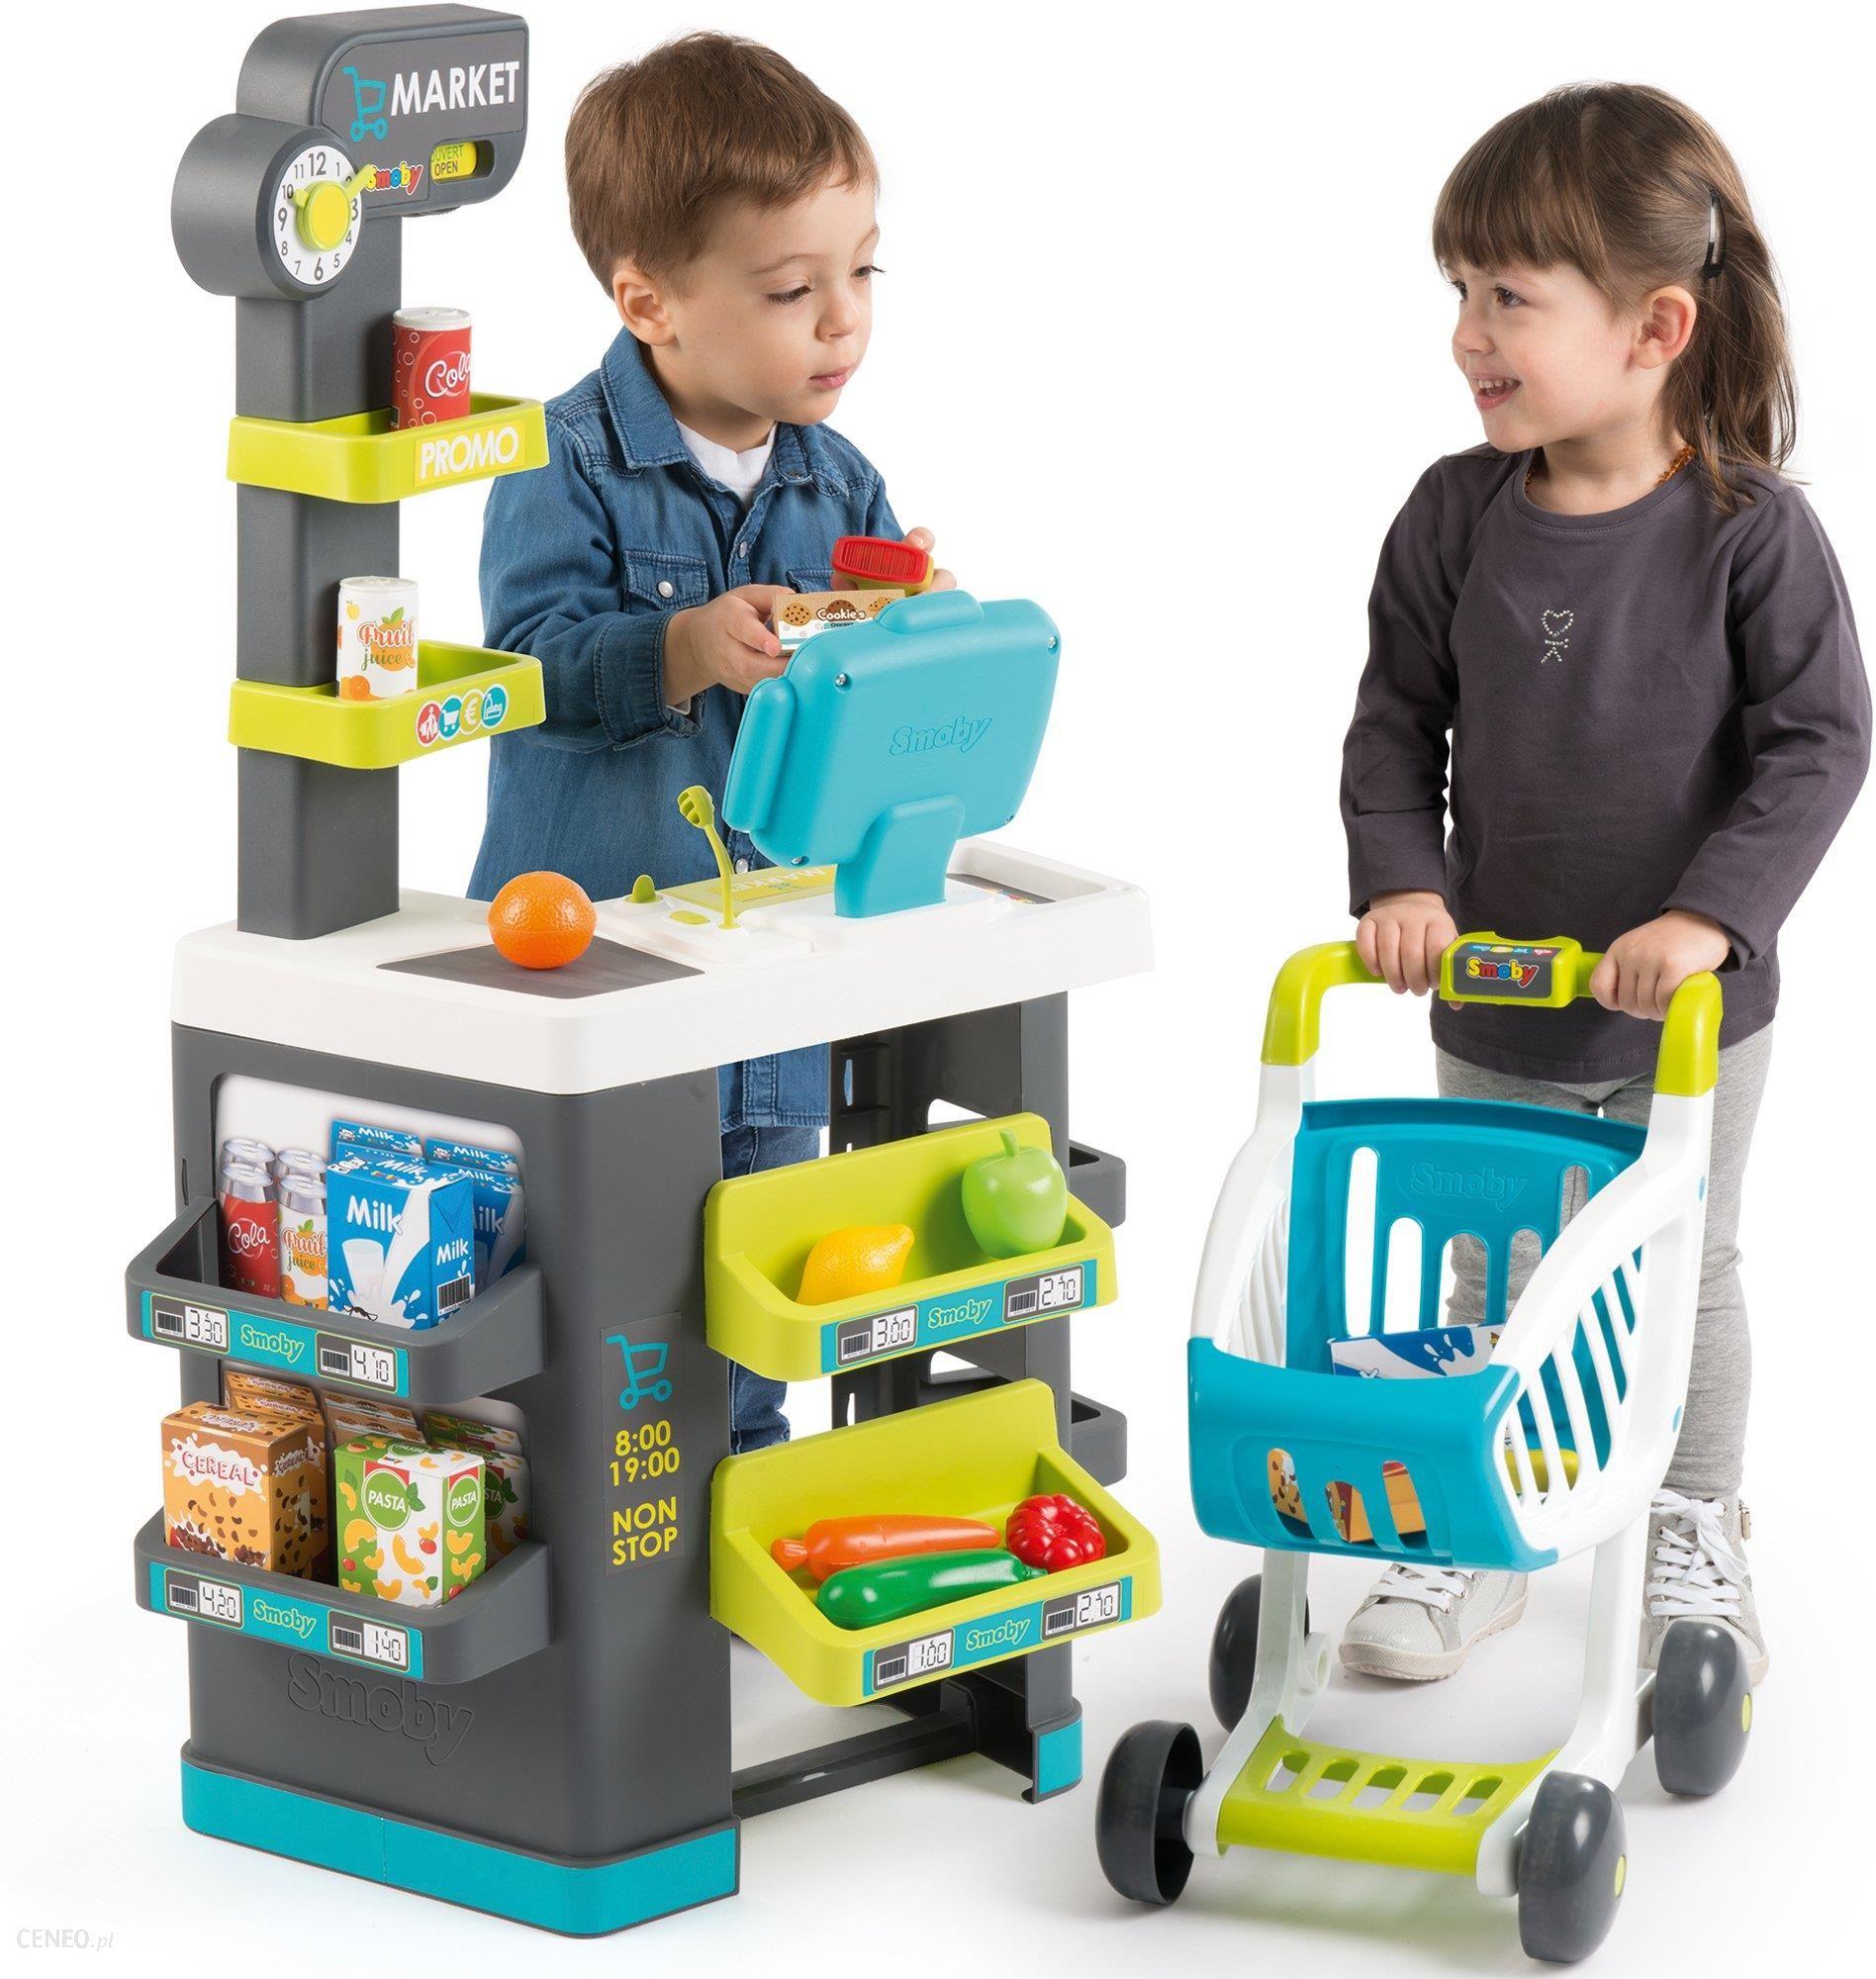 Smoby Supermarket Sklep Z Kasą Lodówką Wózkiem I Akcesoriami 350212